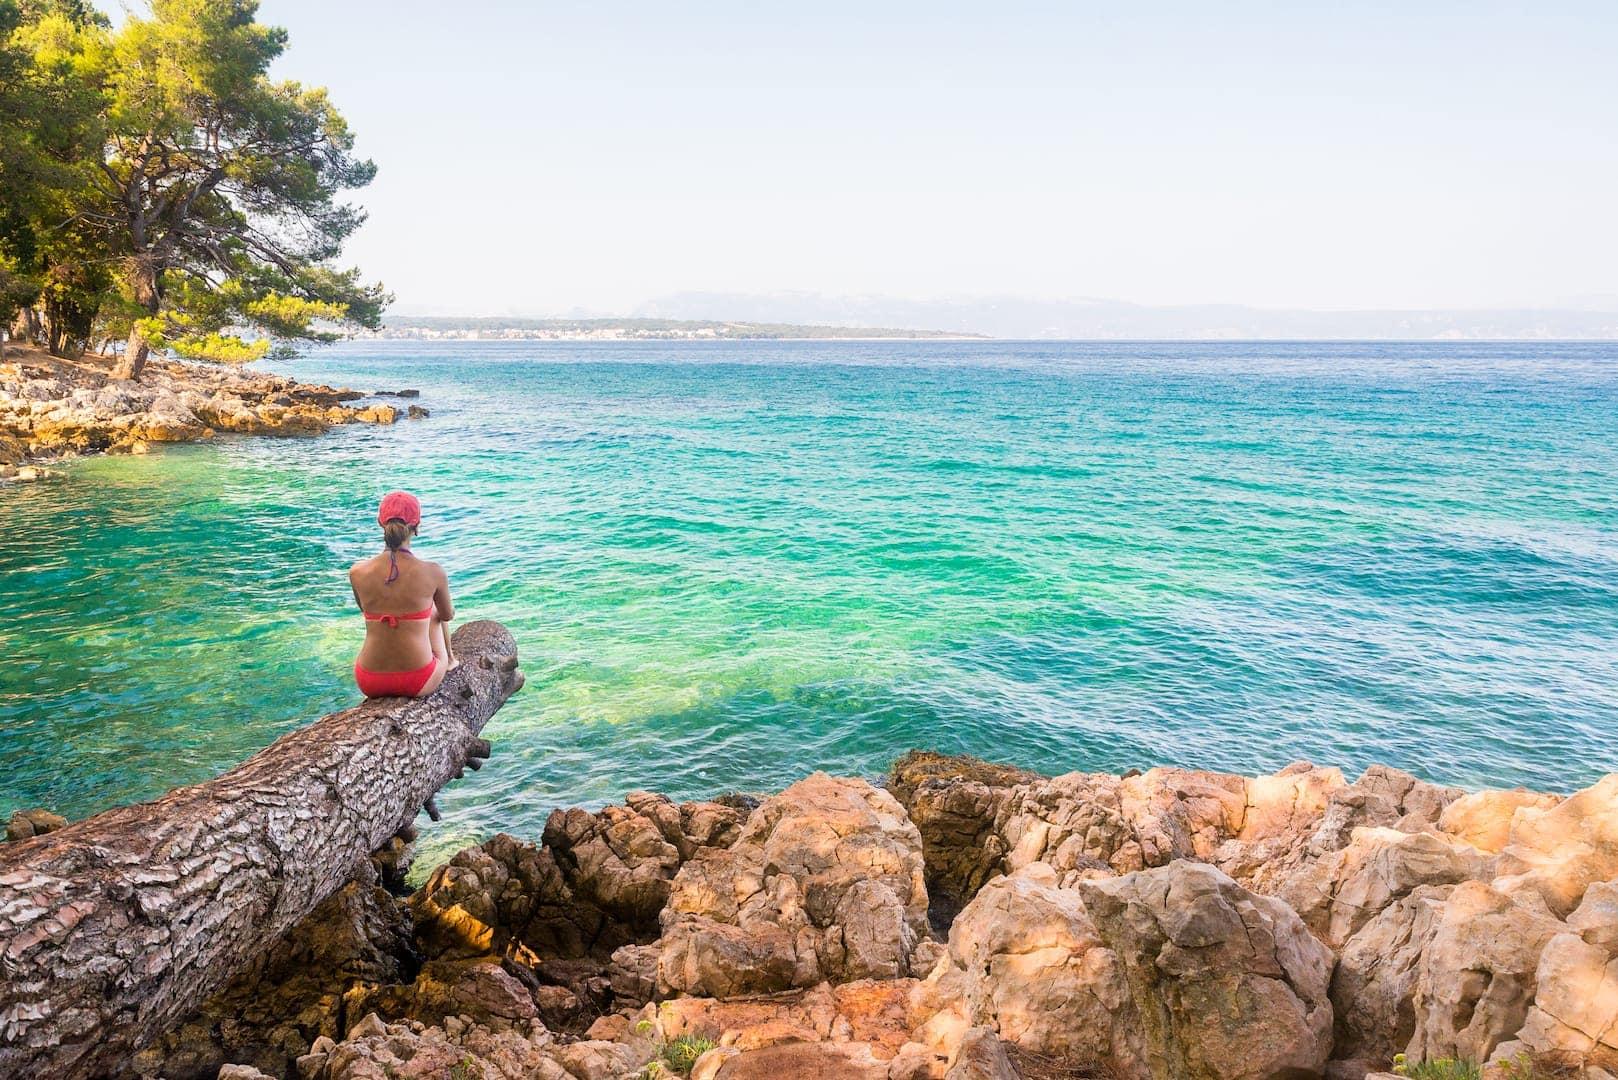 Frau auf der Insel Krk an der Adria in Kroatien